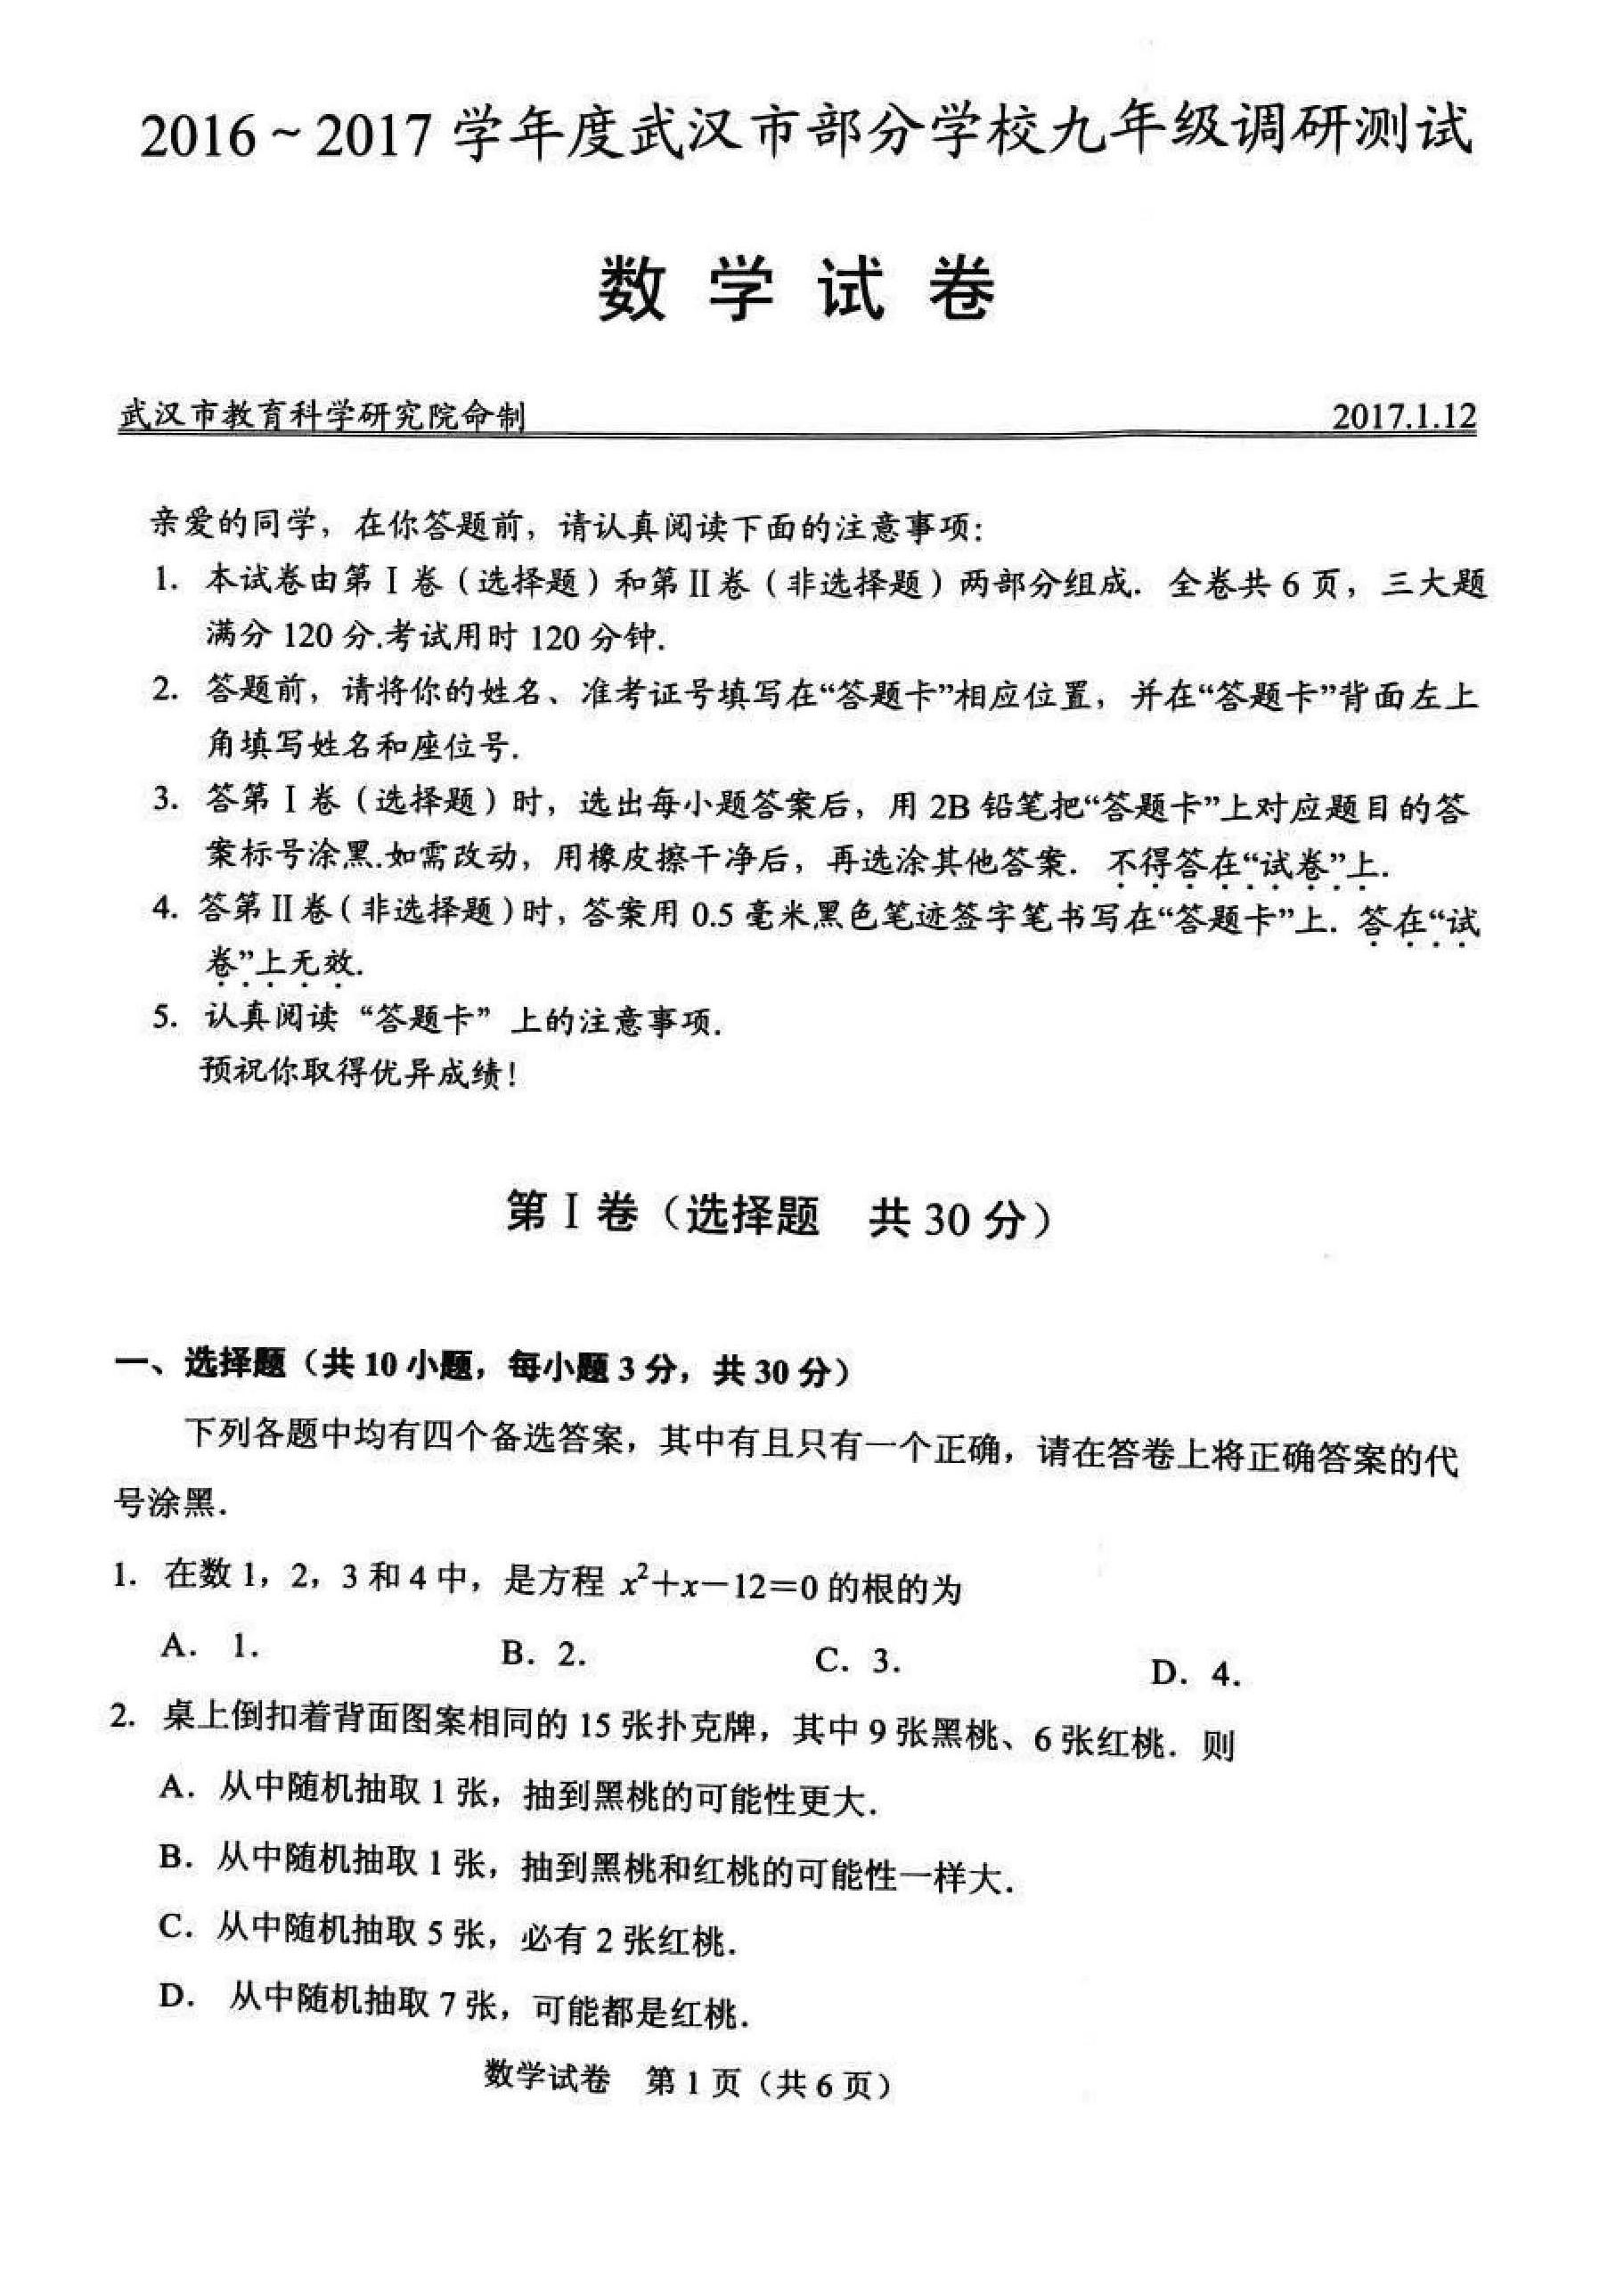 2017武汉元月调考数学试题及答案解析(初三)